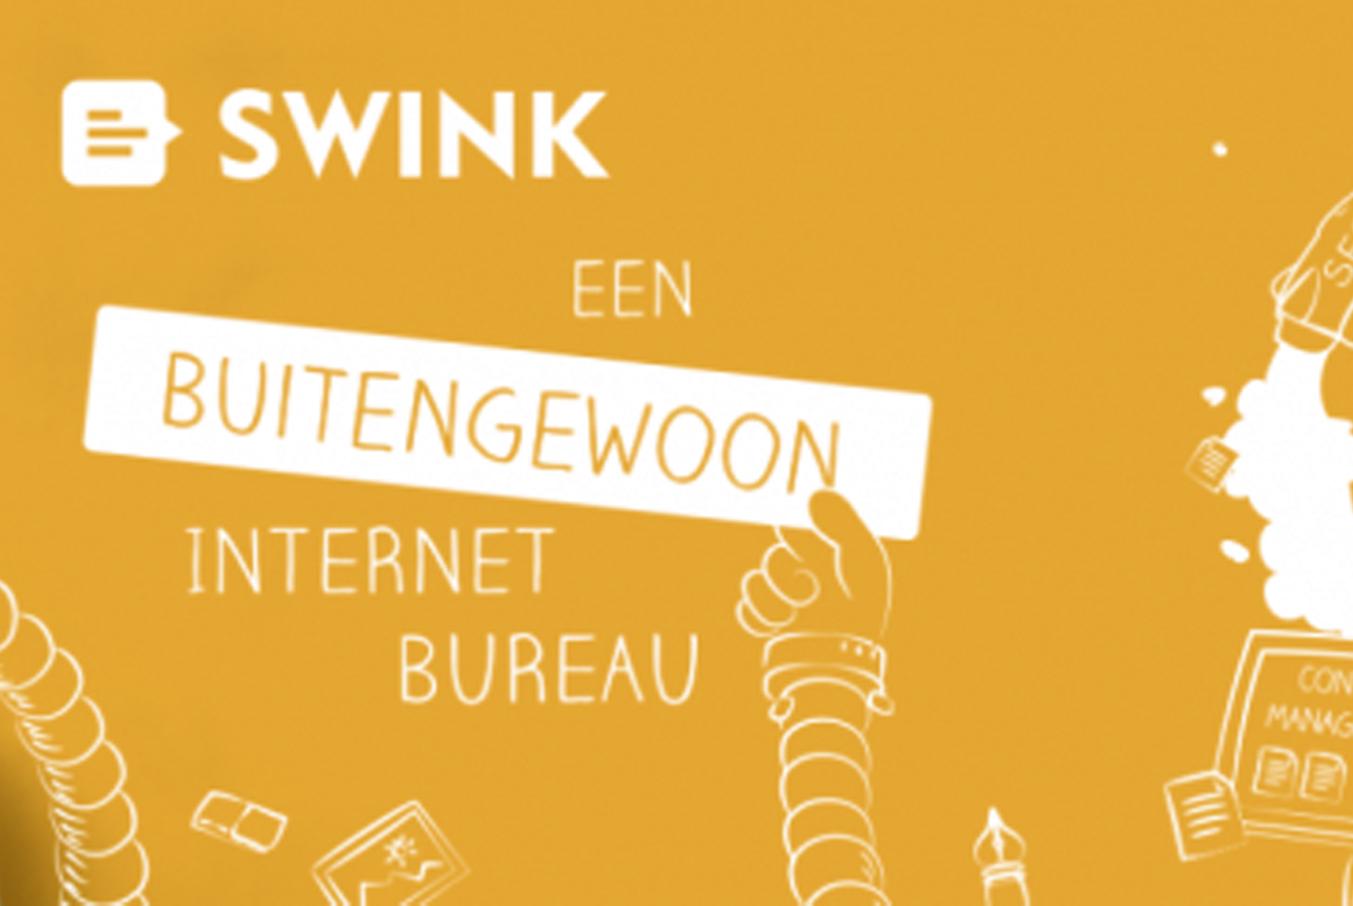 Swink, een buitengewoon internetbureau